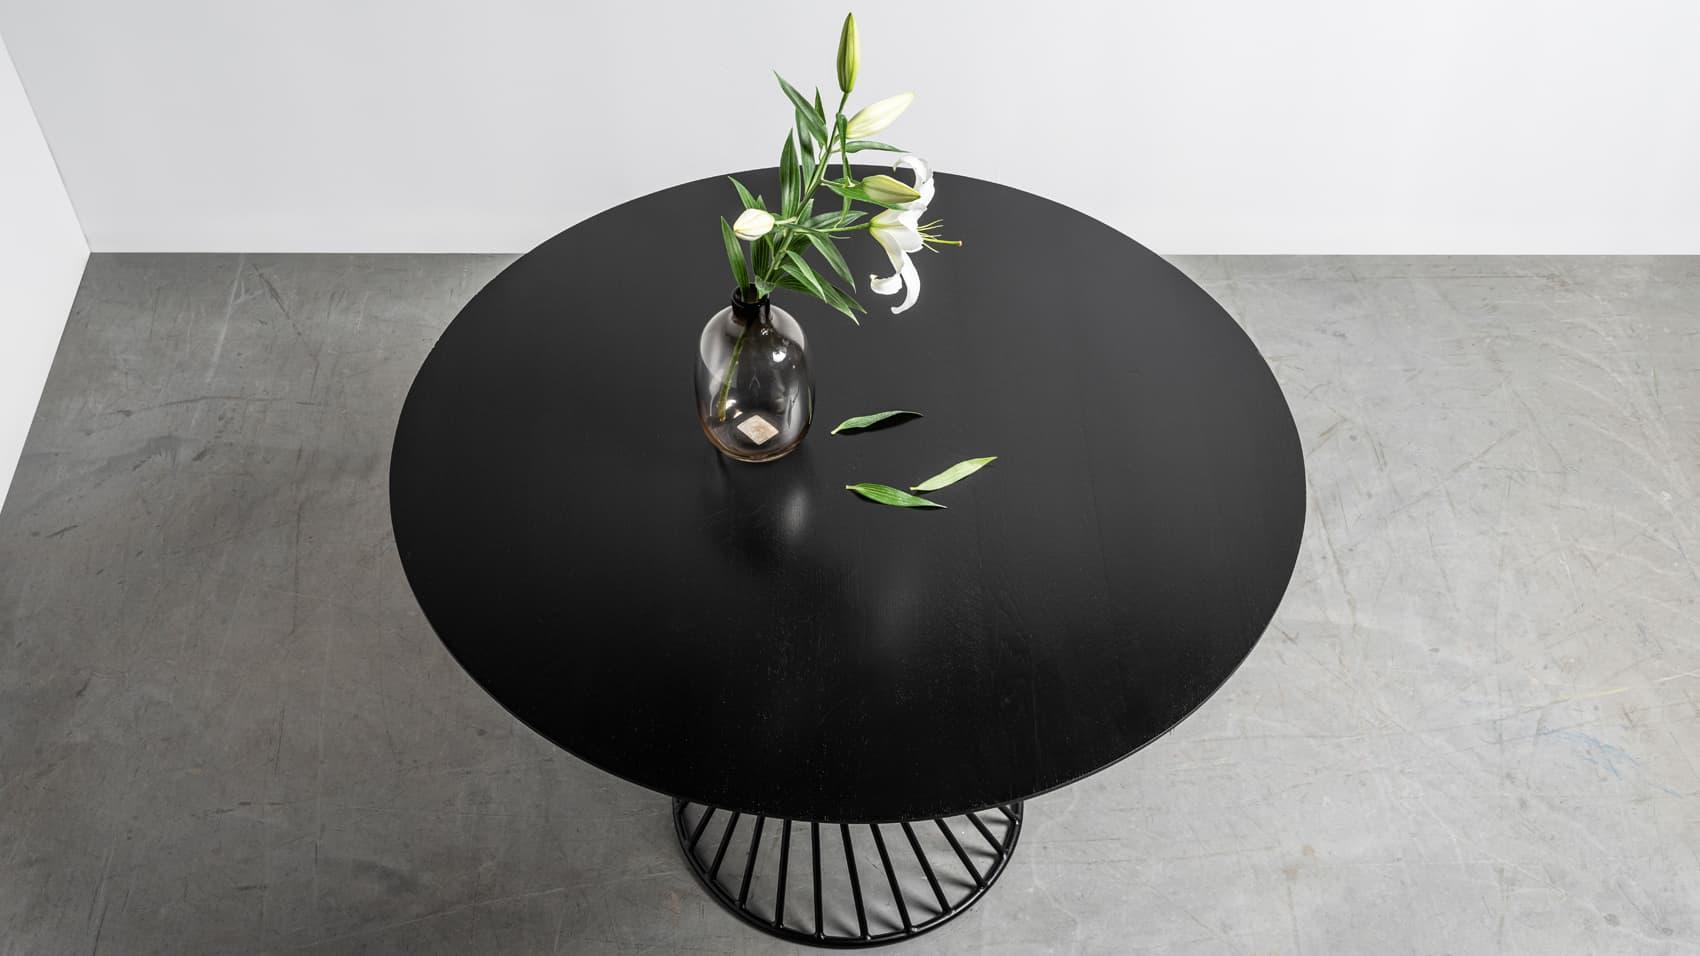 Czarny, okragly debowy stol na spiralnej podstawie. Stol Oliver od Hoom